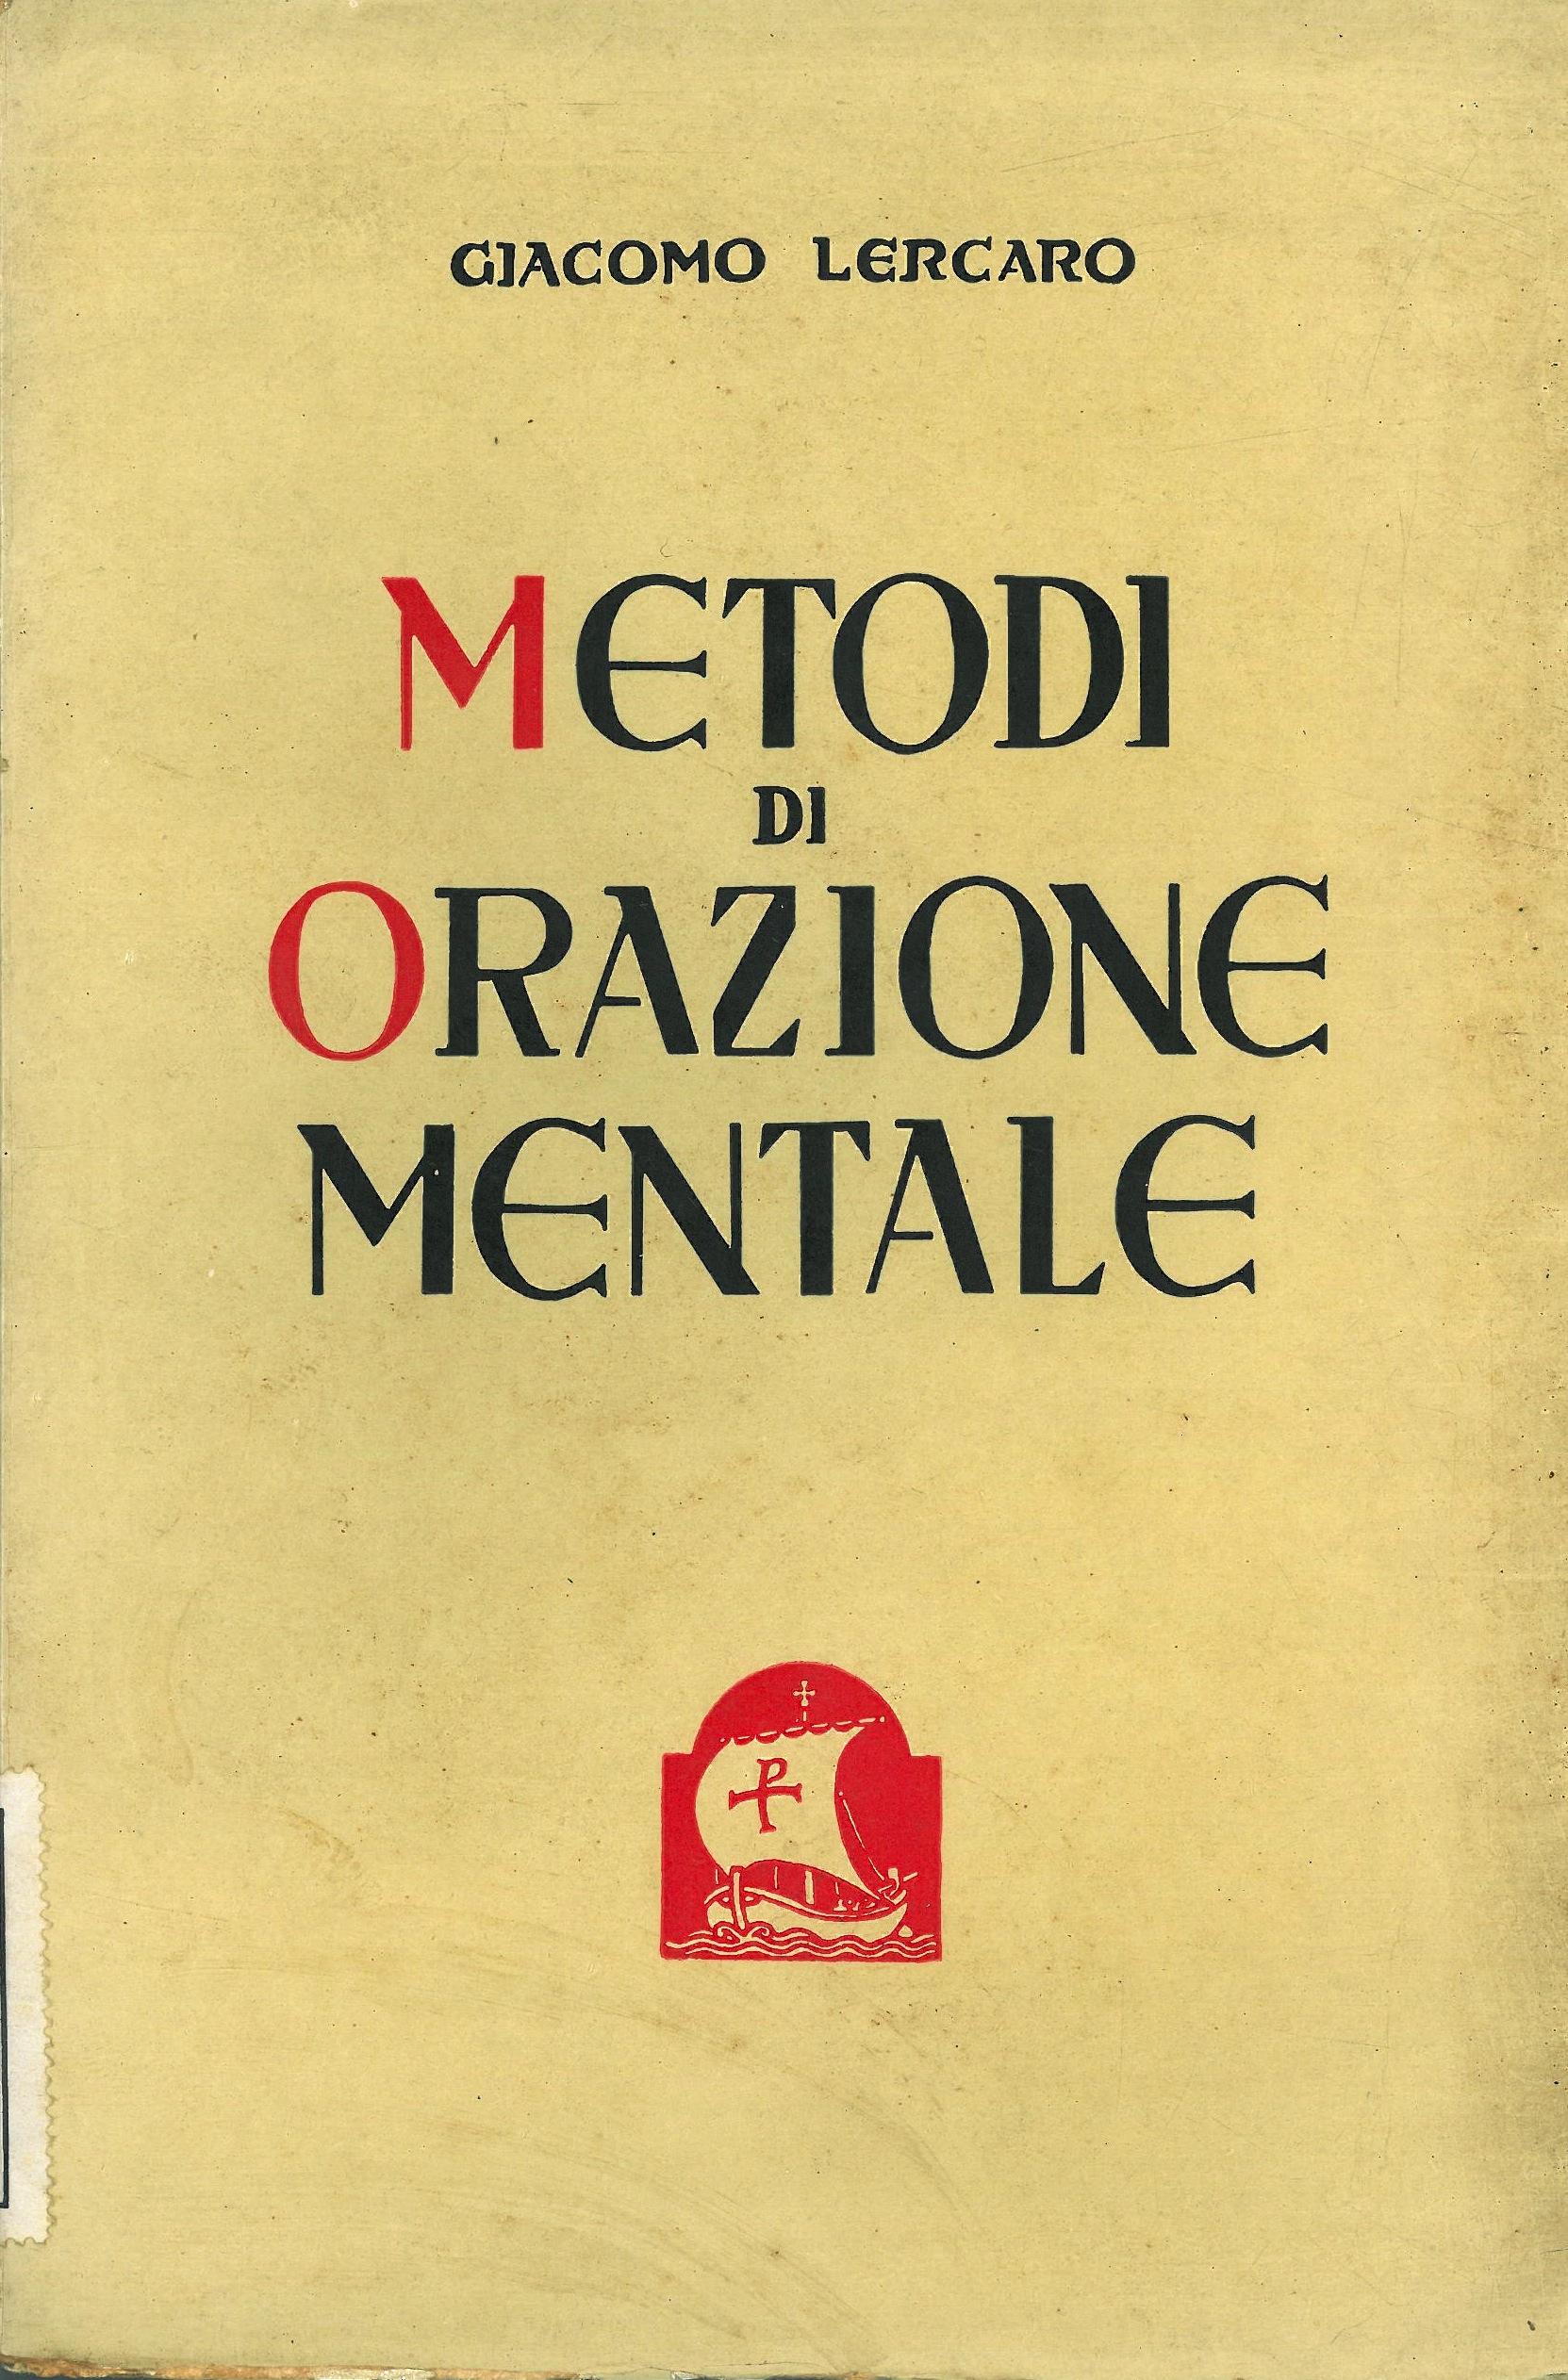 Metodi di orazione mentale